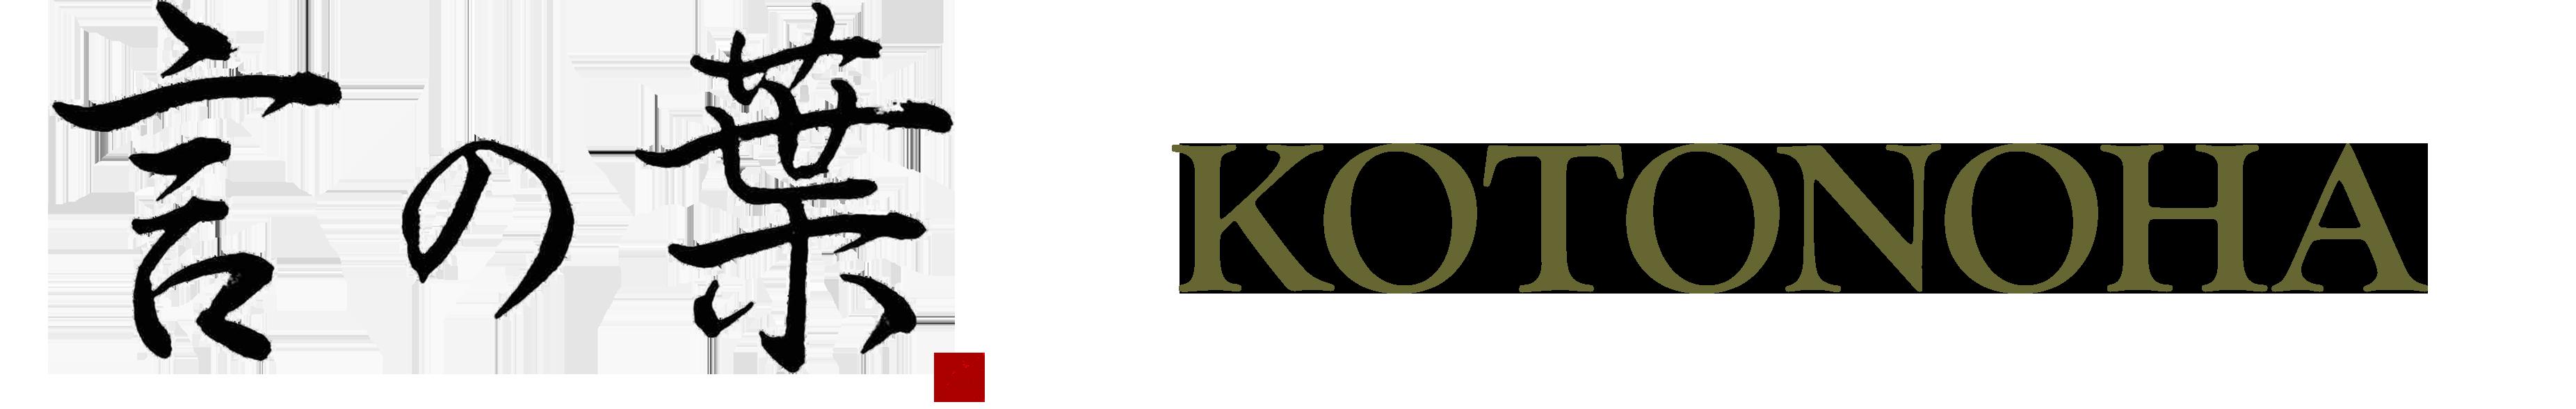 KOTONOHA